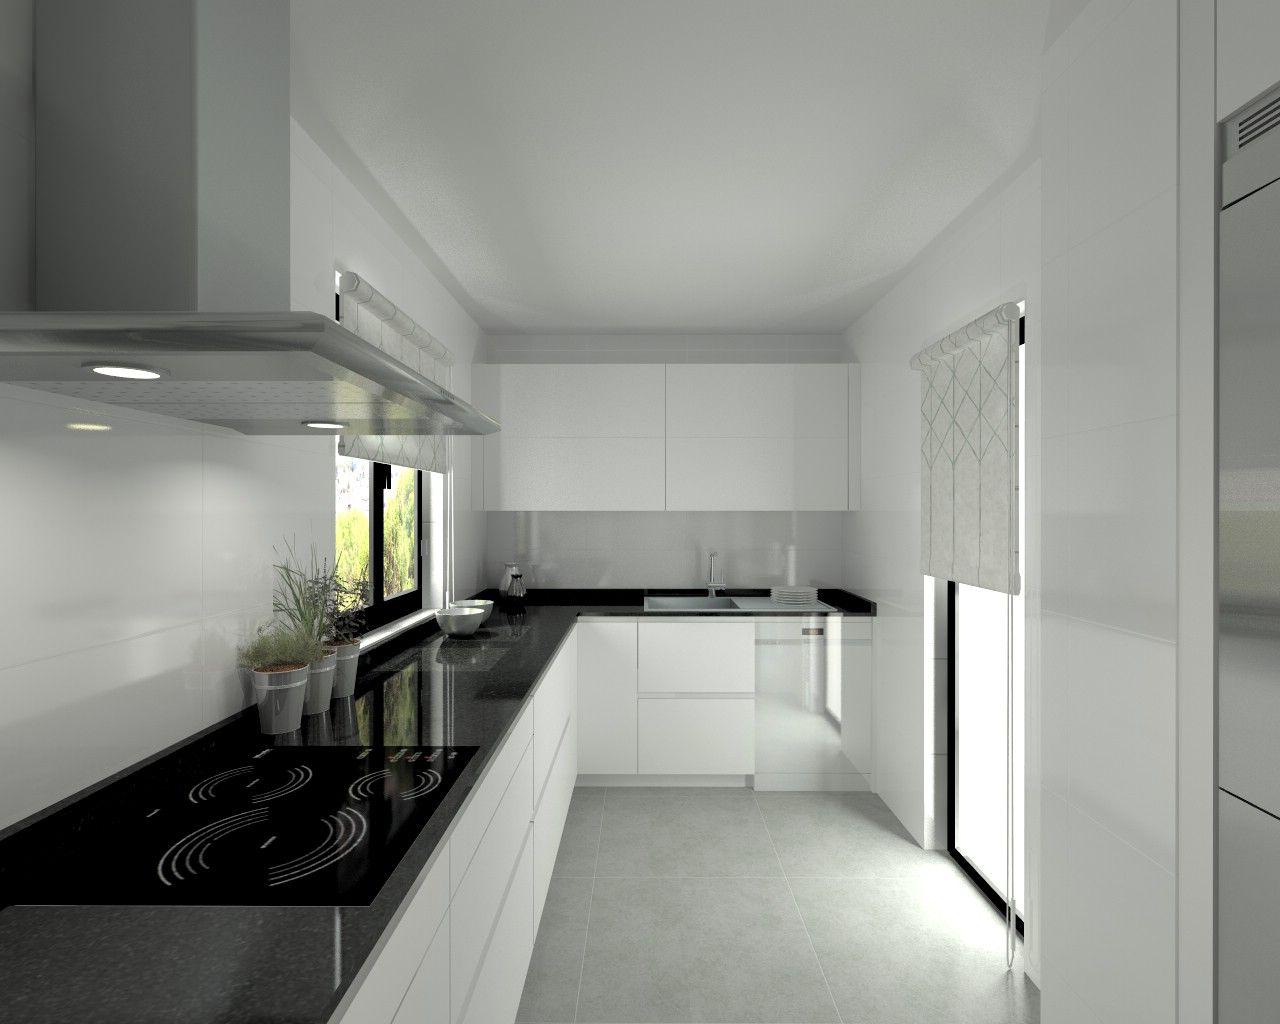 Modelo line l blanco seda encimera granito negro for Granito color blanco